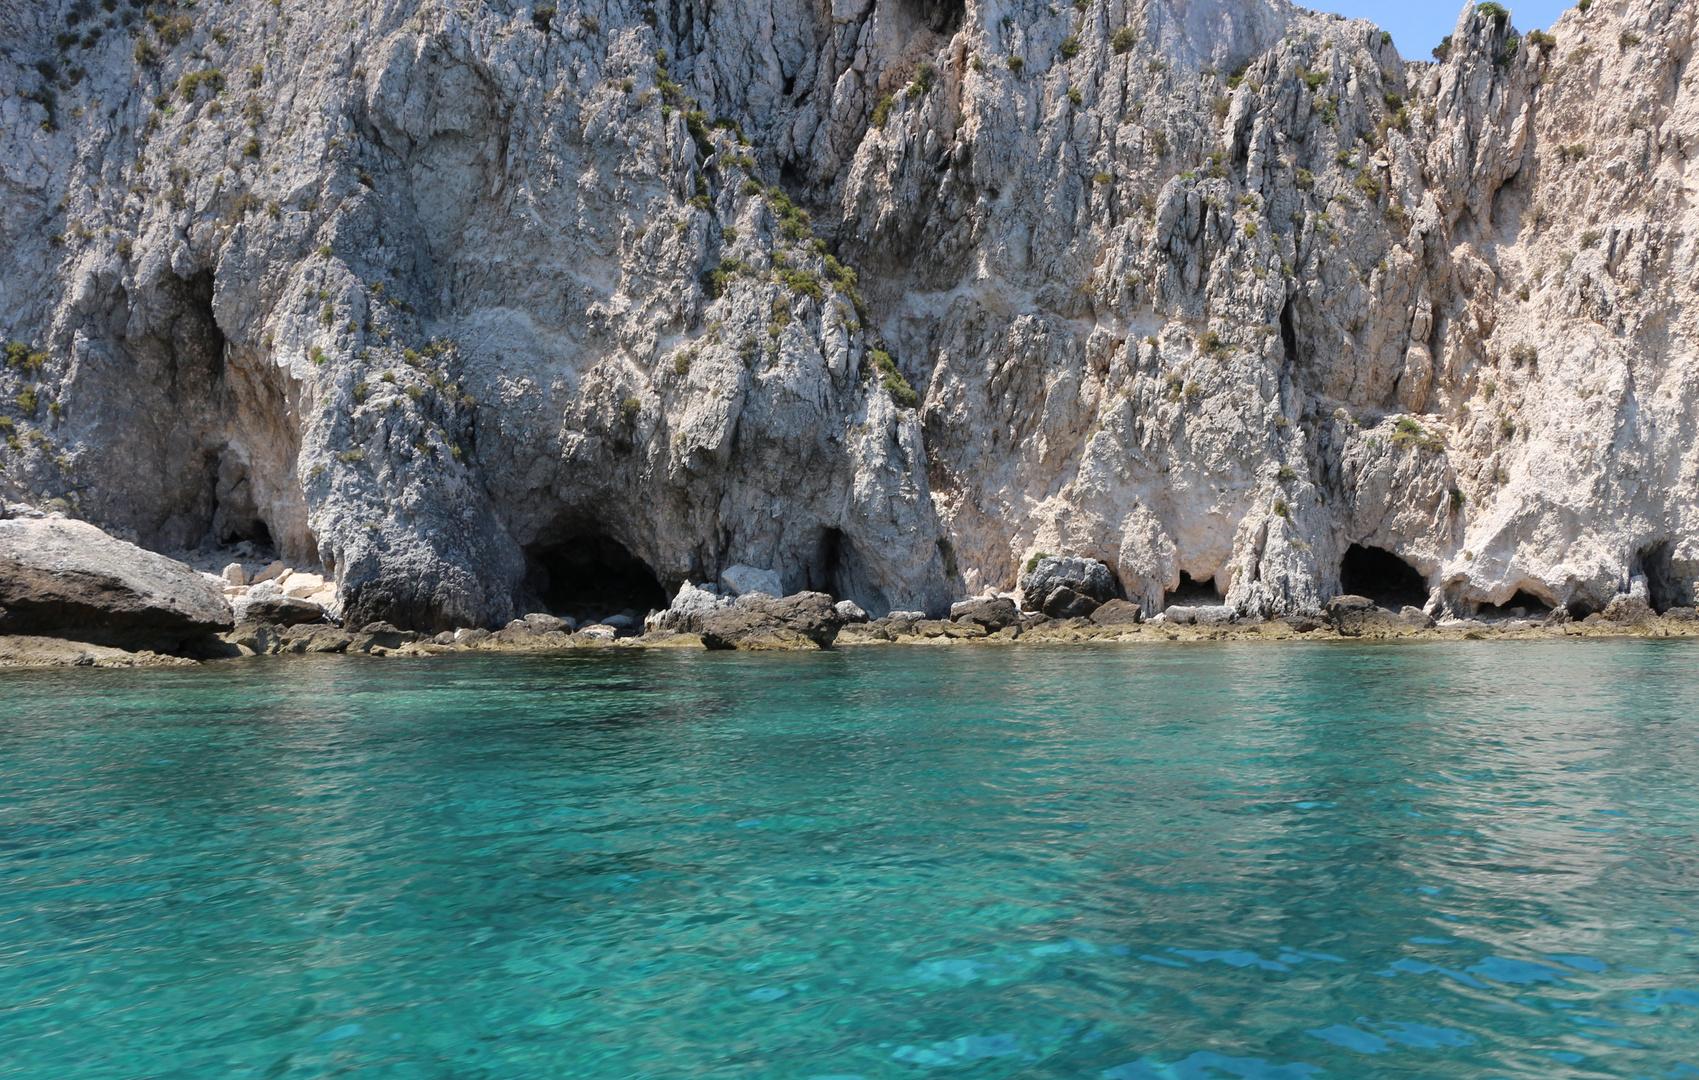 Grotte sull'isola